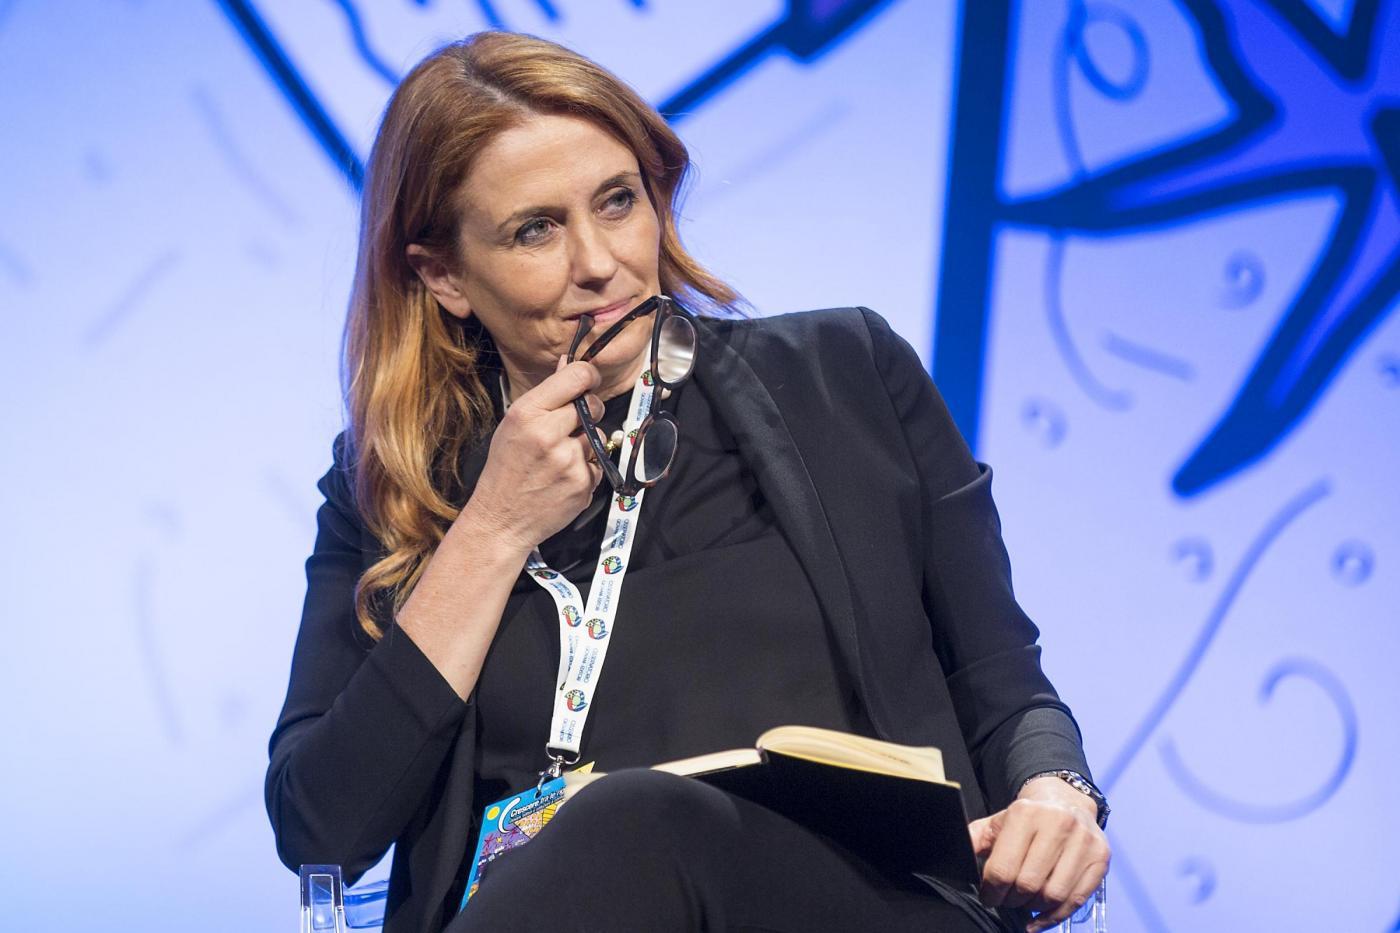 Chi è Monica Maggioni, il nuovo Presidente Rai